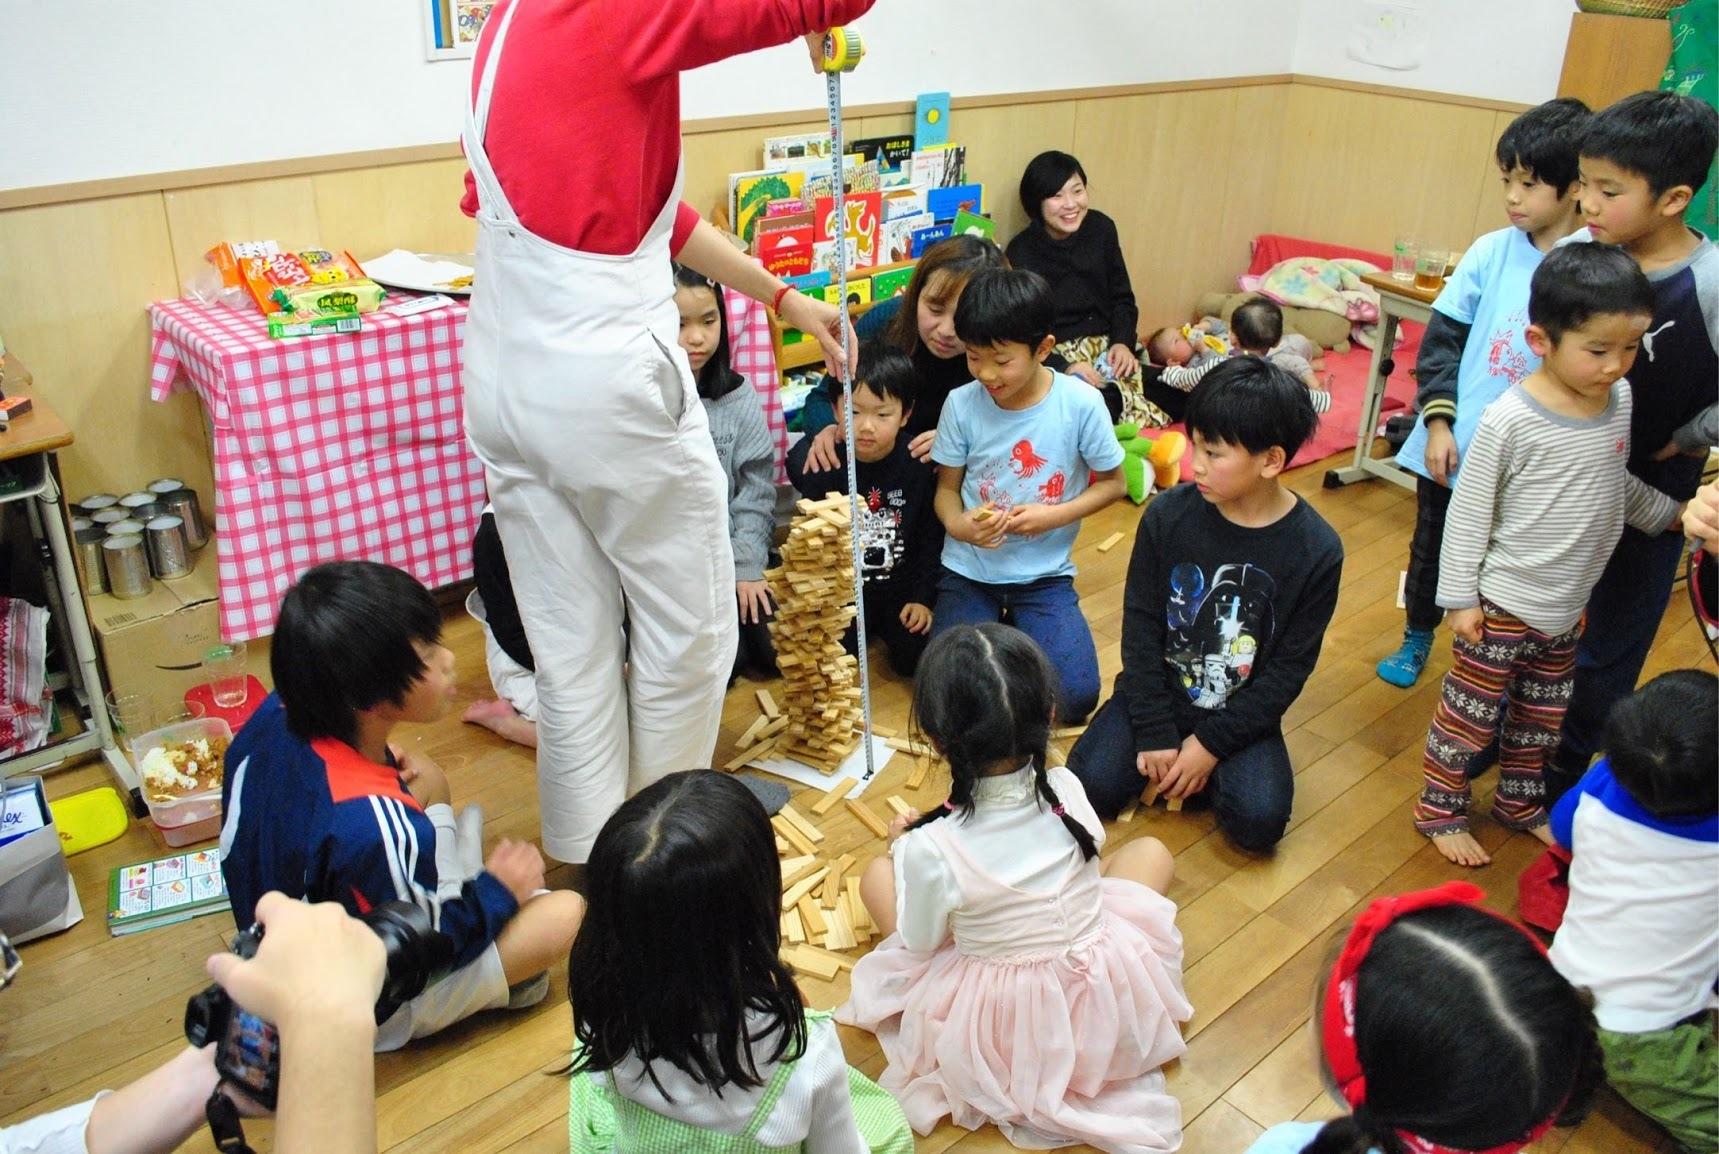 パル教室クリスマスパーティー2019レポート②_a0239665_17081669.jpg